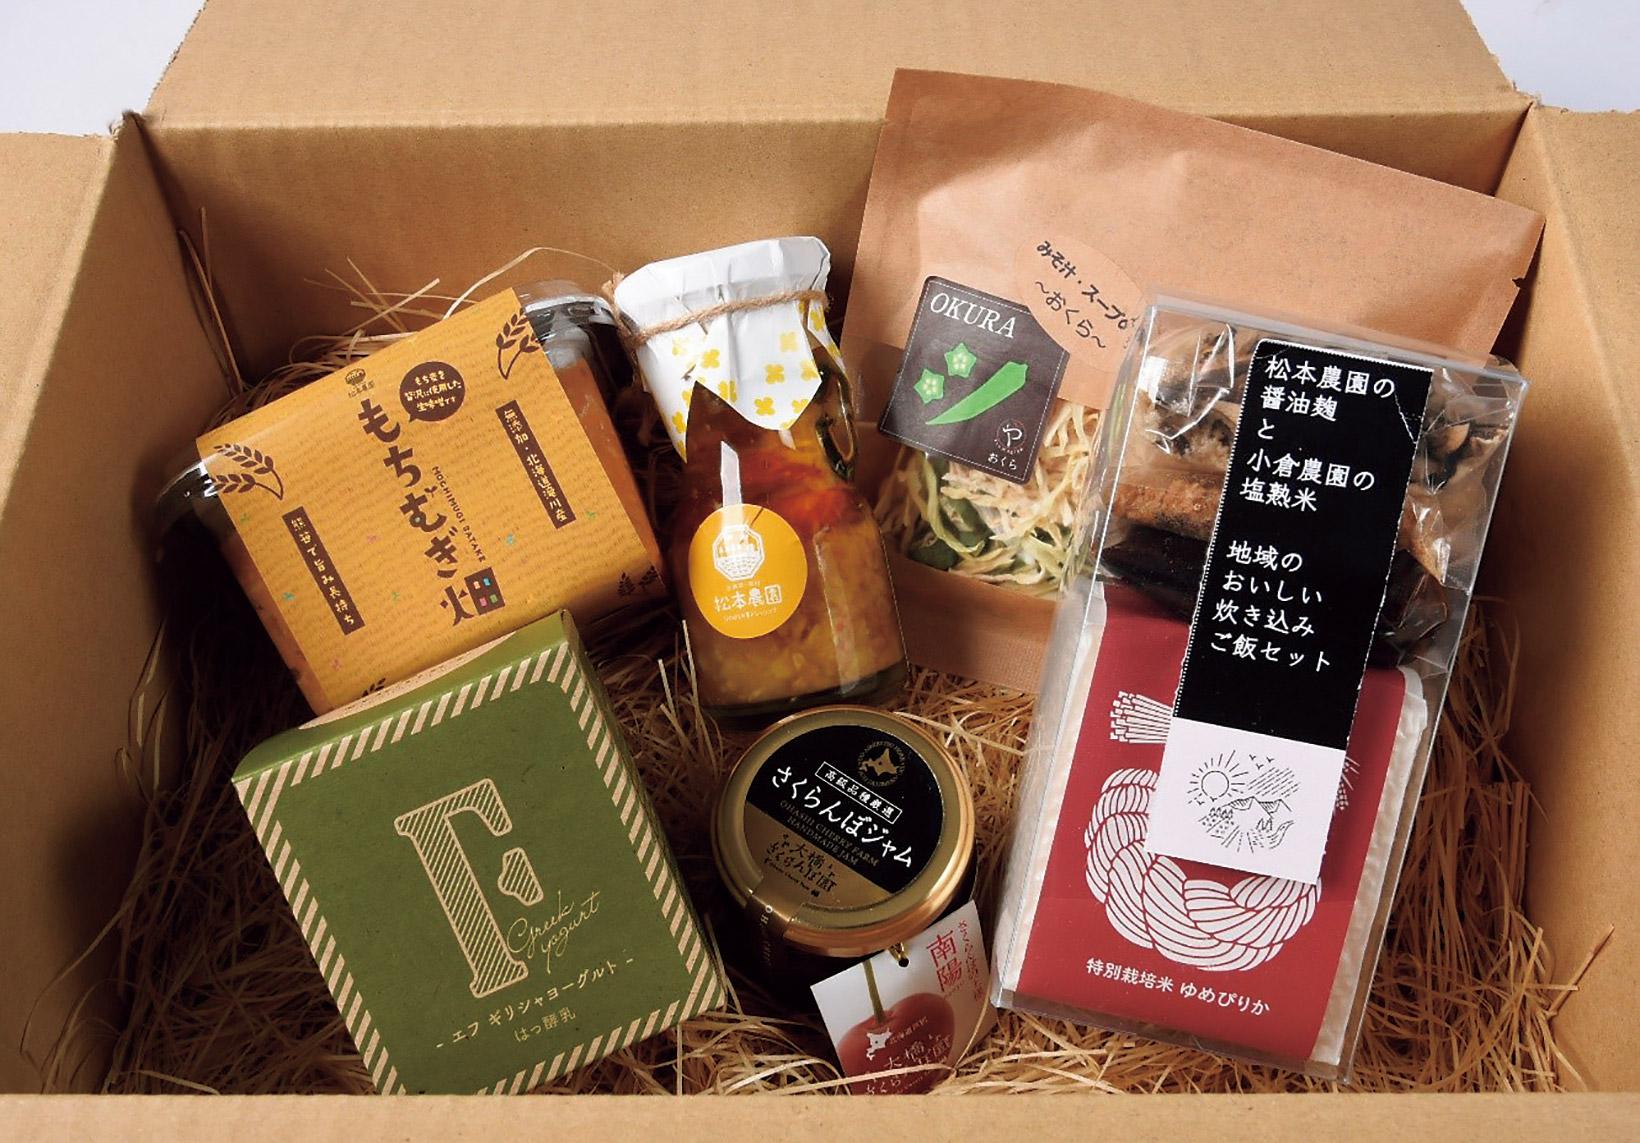 空知地域の食イベントで好評 「いいものボックス」が延長販売